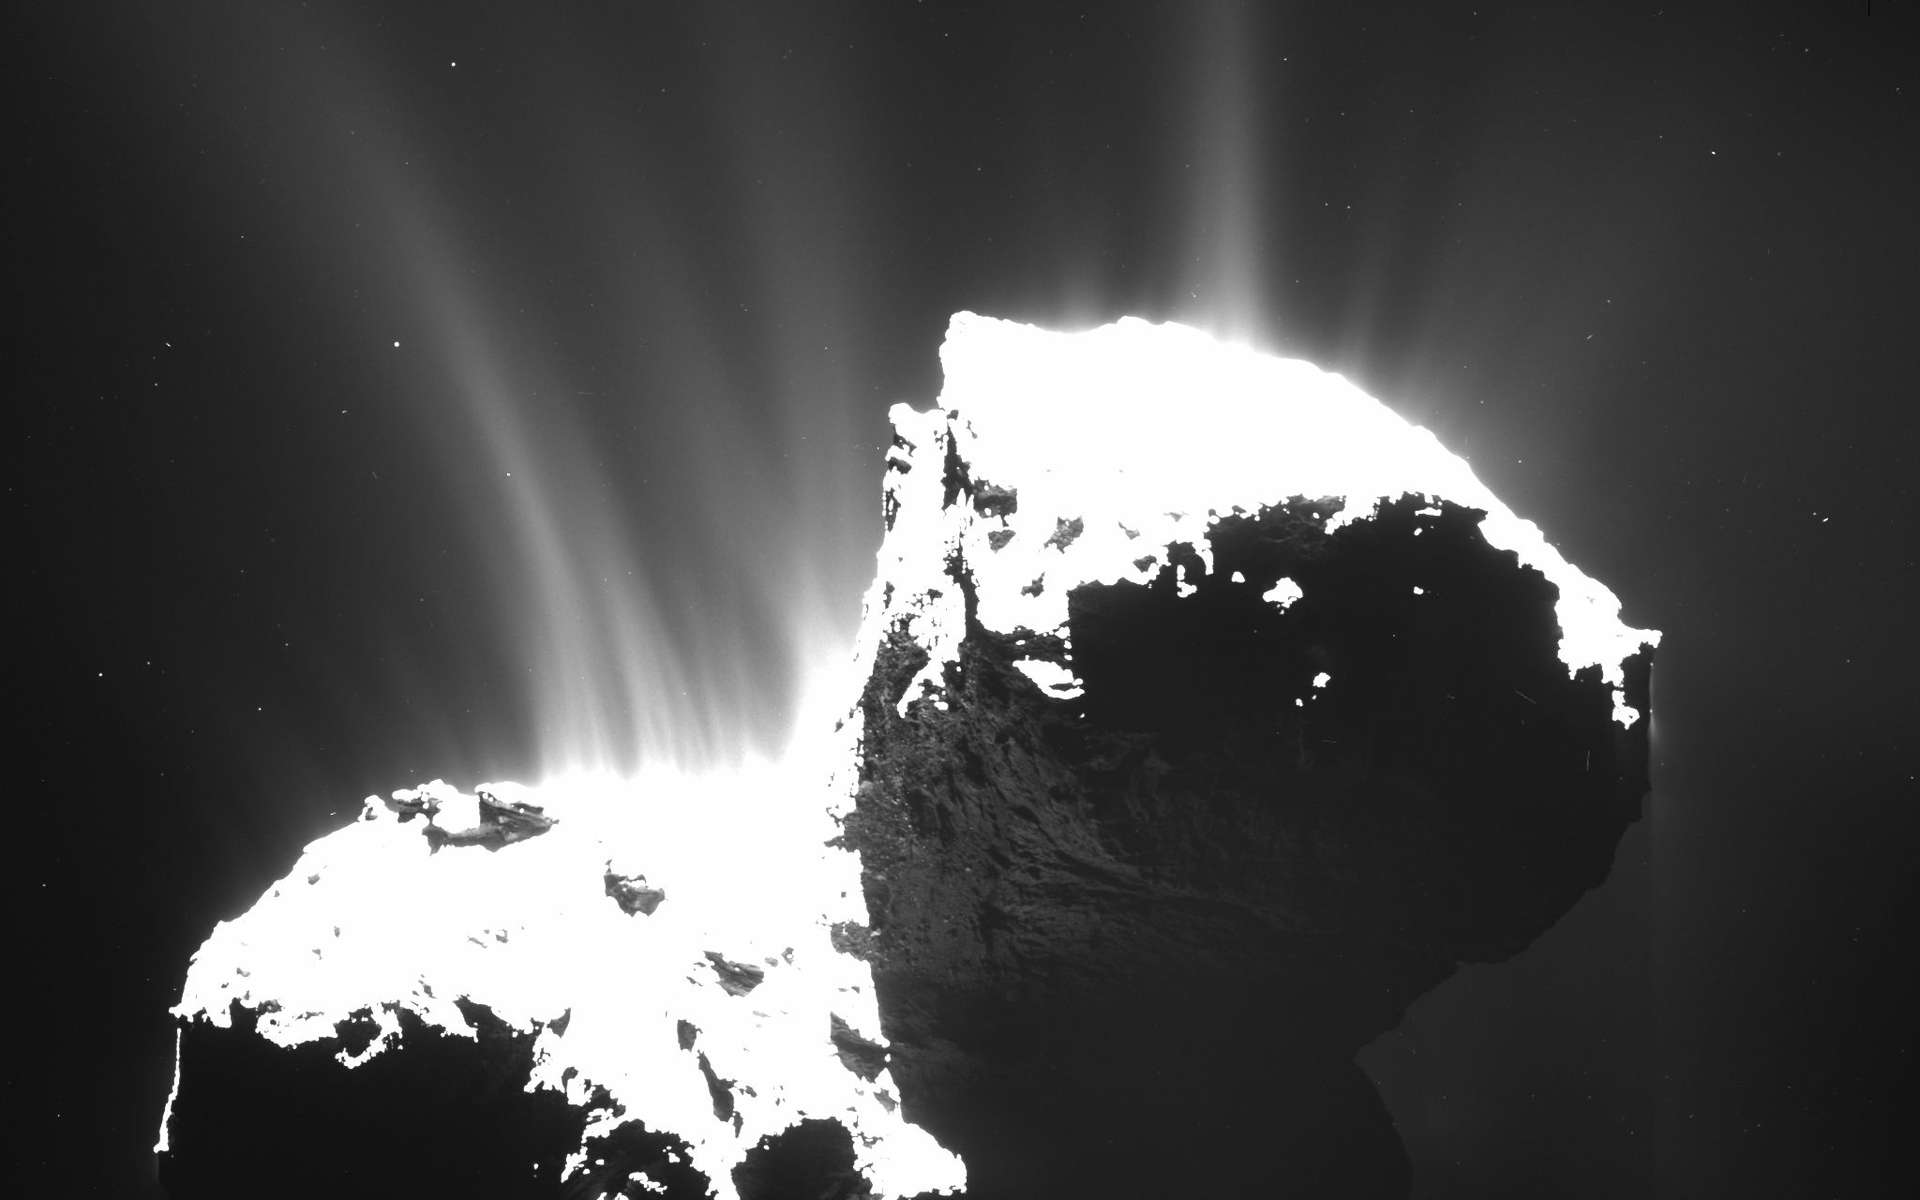 Tchouri a été photographiée par la caméra grand-angle Osiris de Rosetta, le 22 novembre 2014, à 30 km de la surface. La comète dégage une multitude de jets de gaz et de poussières. La plupart sont situés dans la région du « cou », entre les deux lobes de la comète, et témoignent de son activité. © Esa, Rosetta, MPS, Osiris, MPS, UPD, LAM, IAA, SSO, INTA, UPM, DASP, IDA